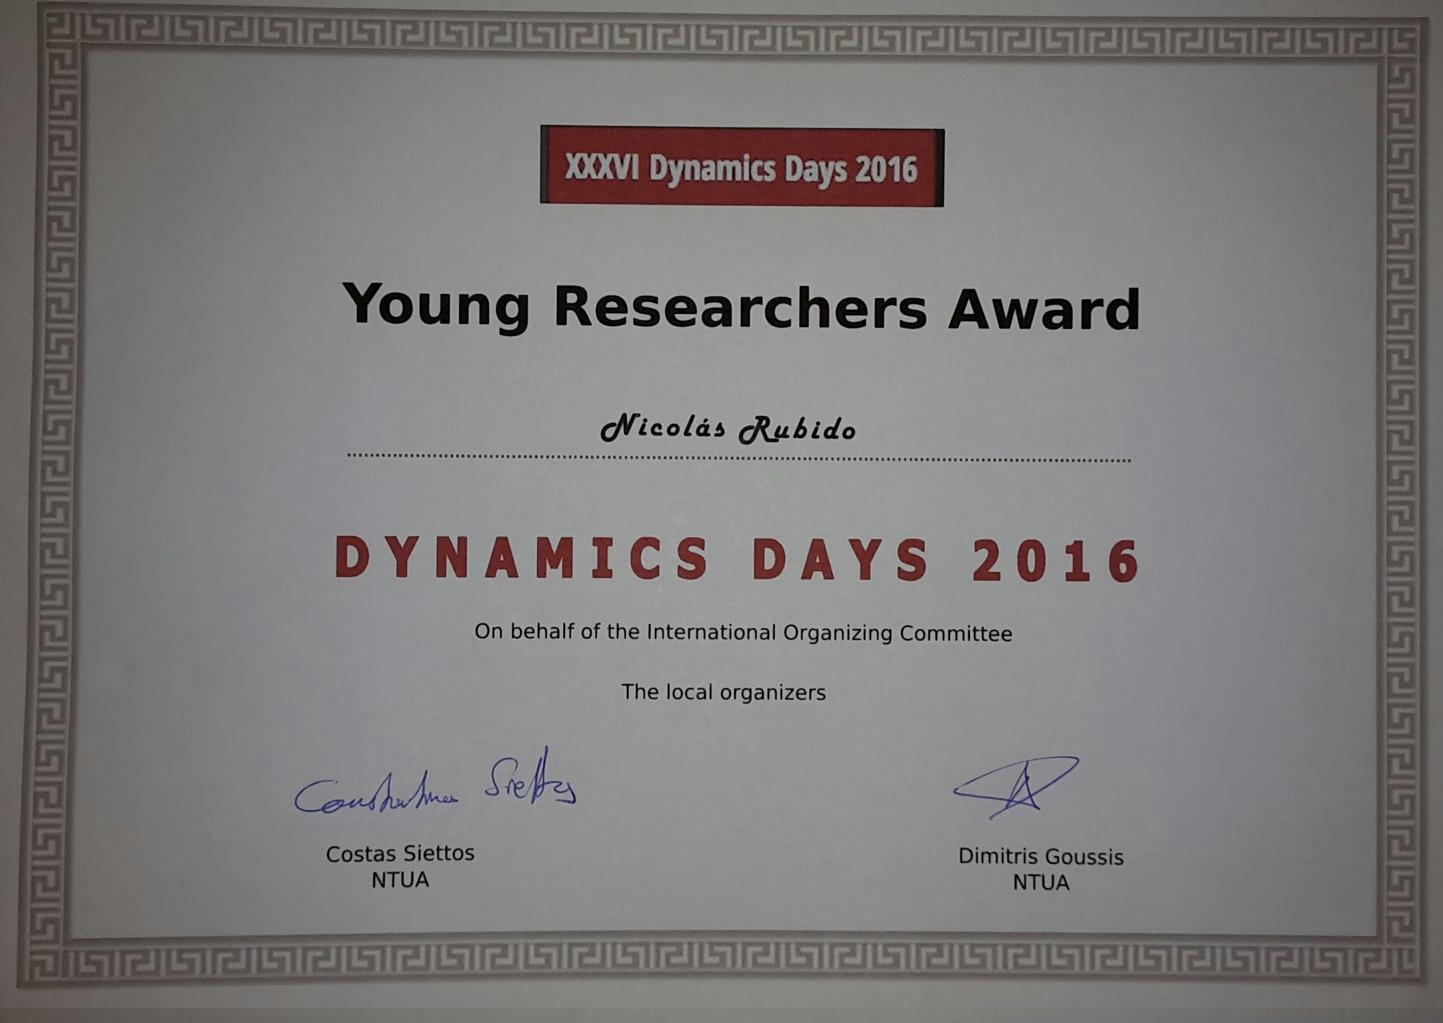 YoungResearchersAward_DDaysEurope2016